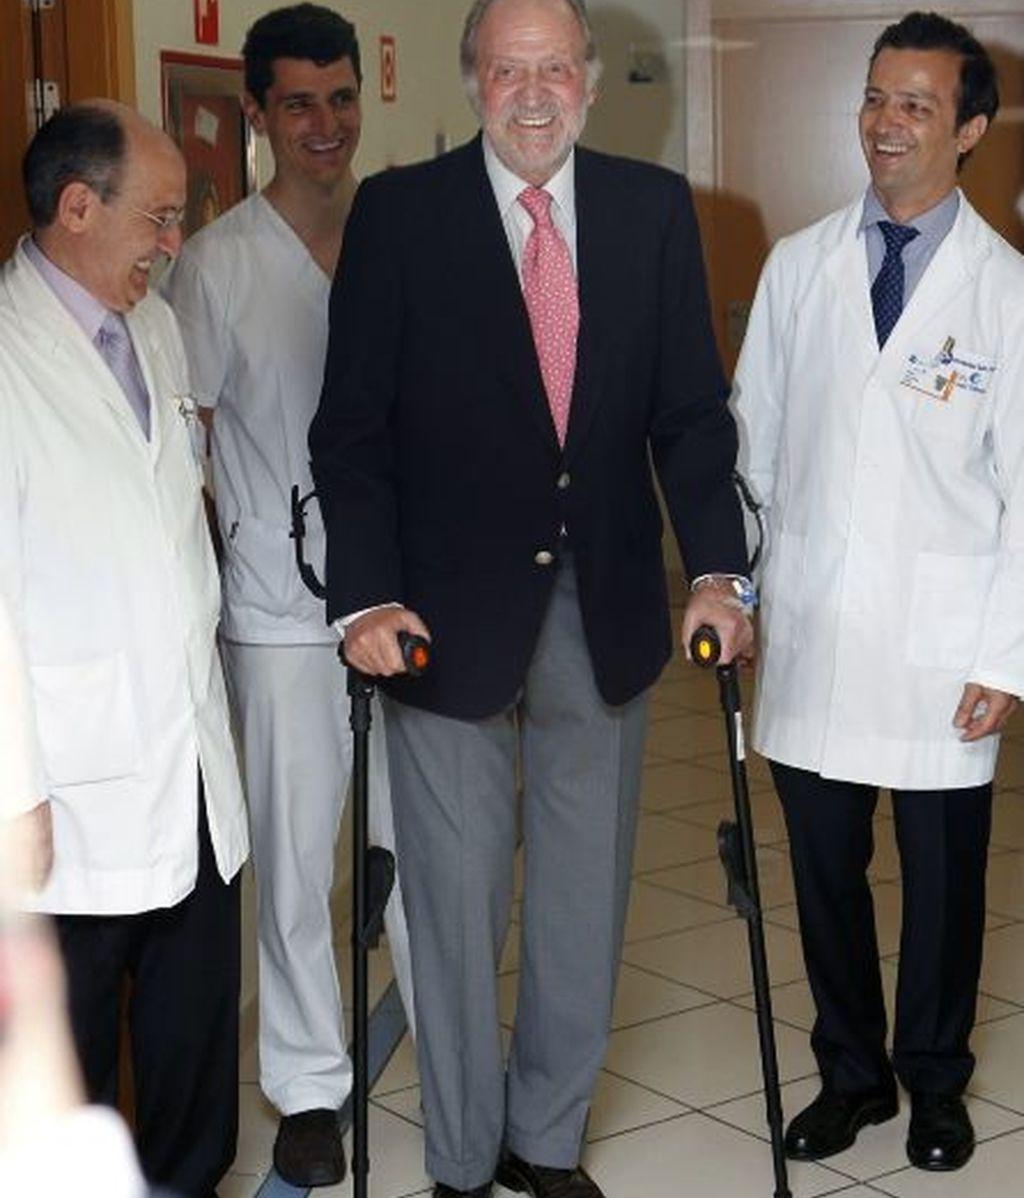 El rey bromea con los médicos